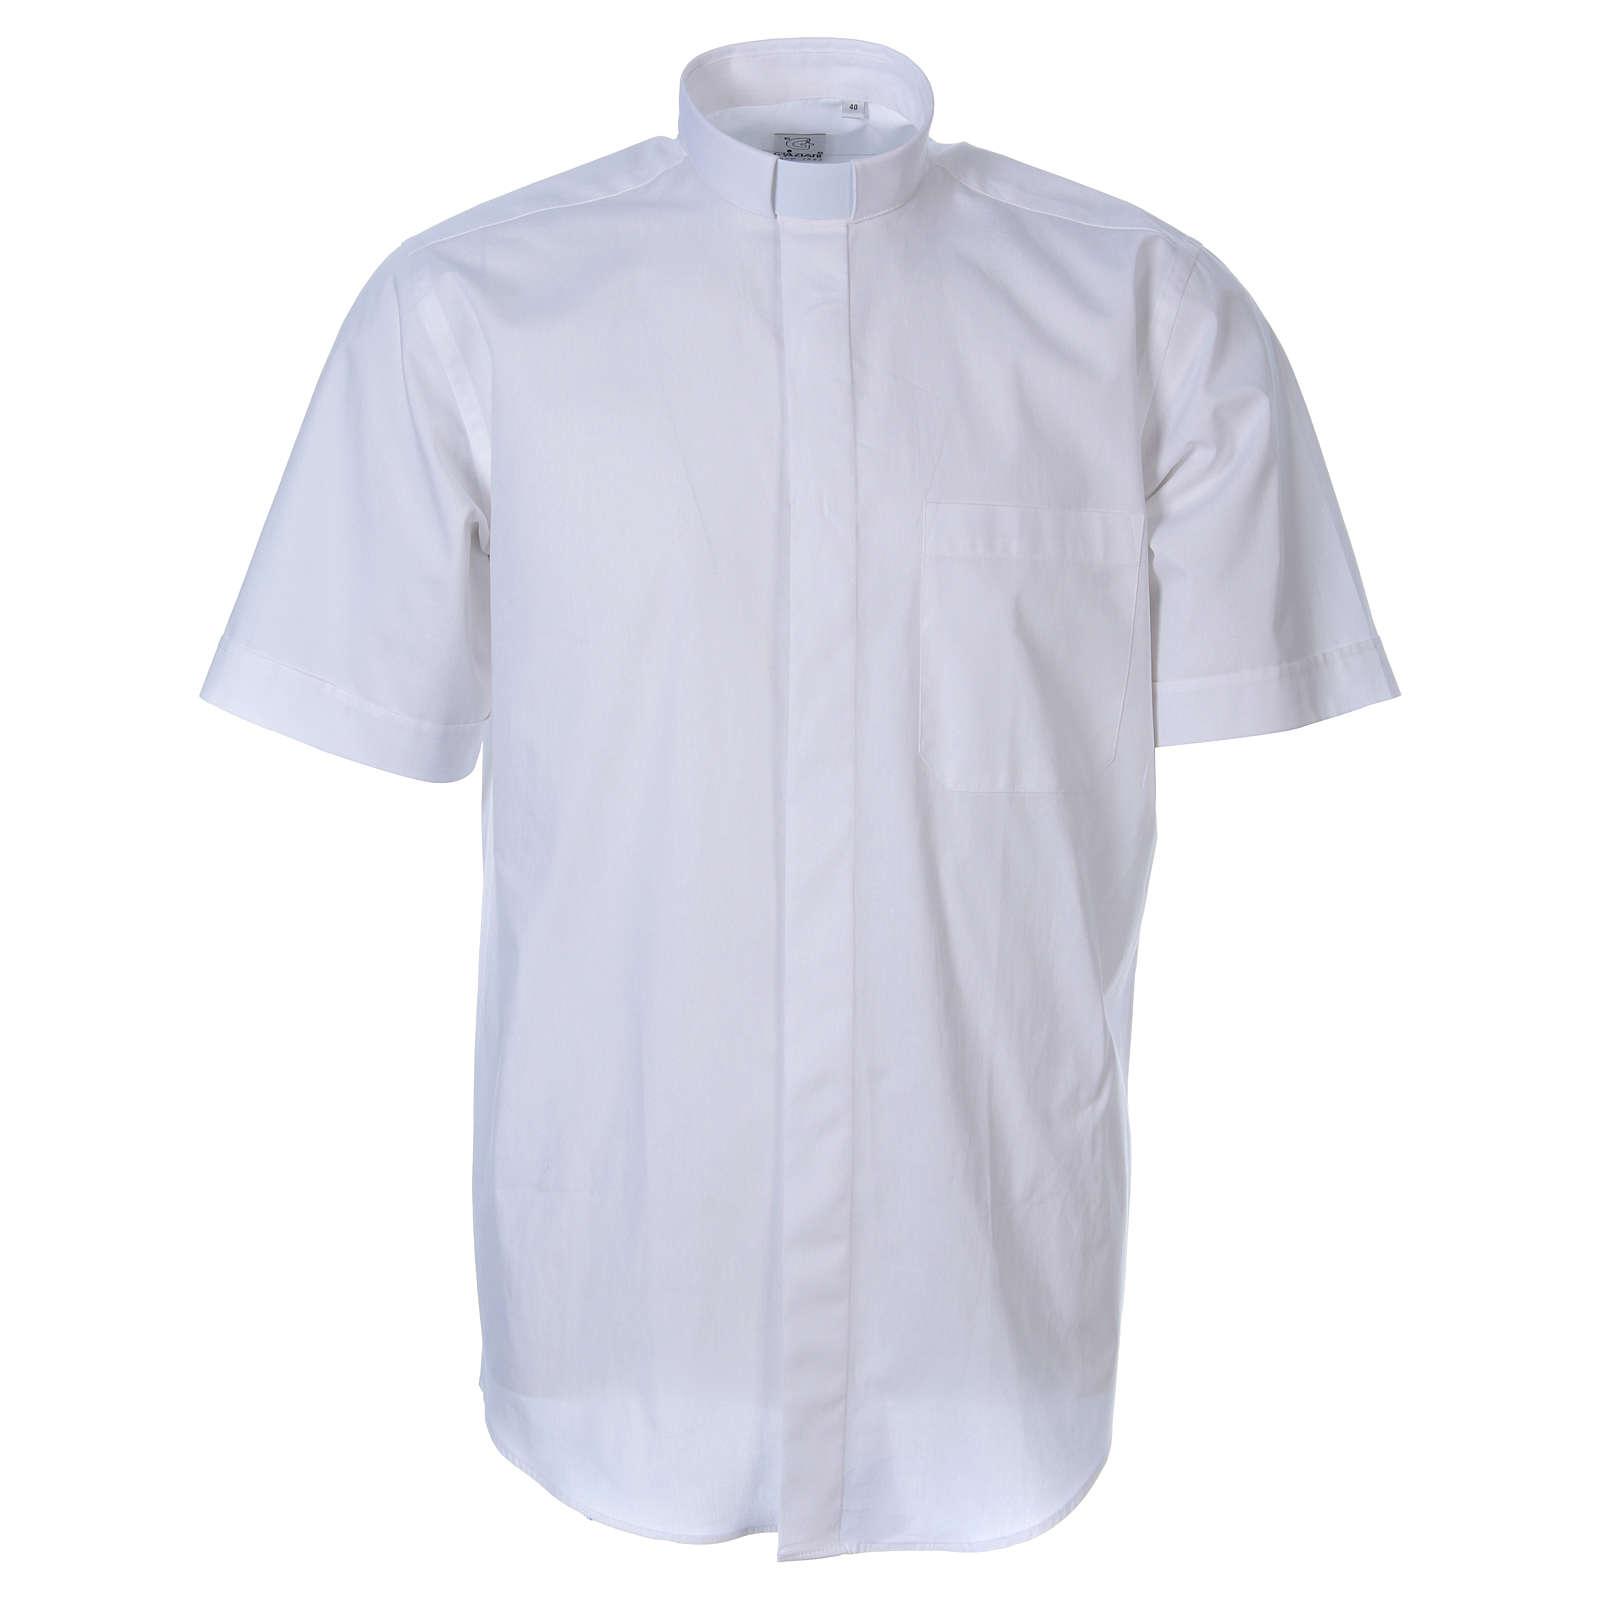 STOCK Clerical shirt, short sleeve white poplin 4